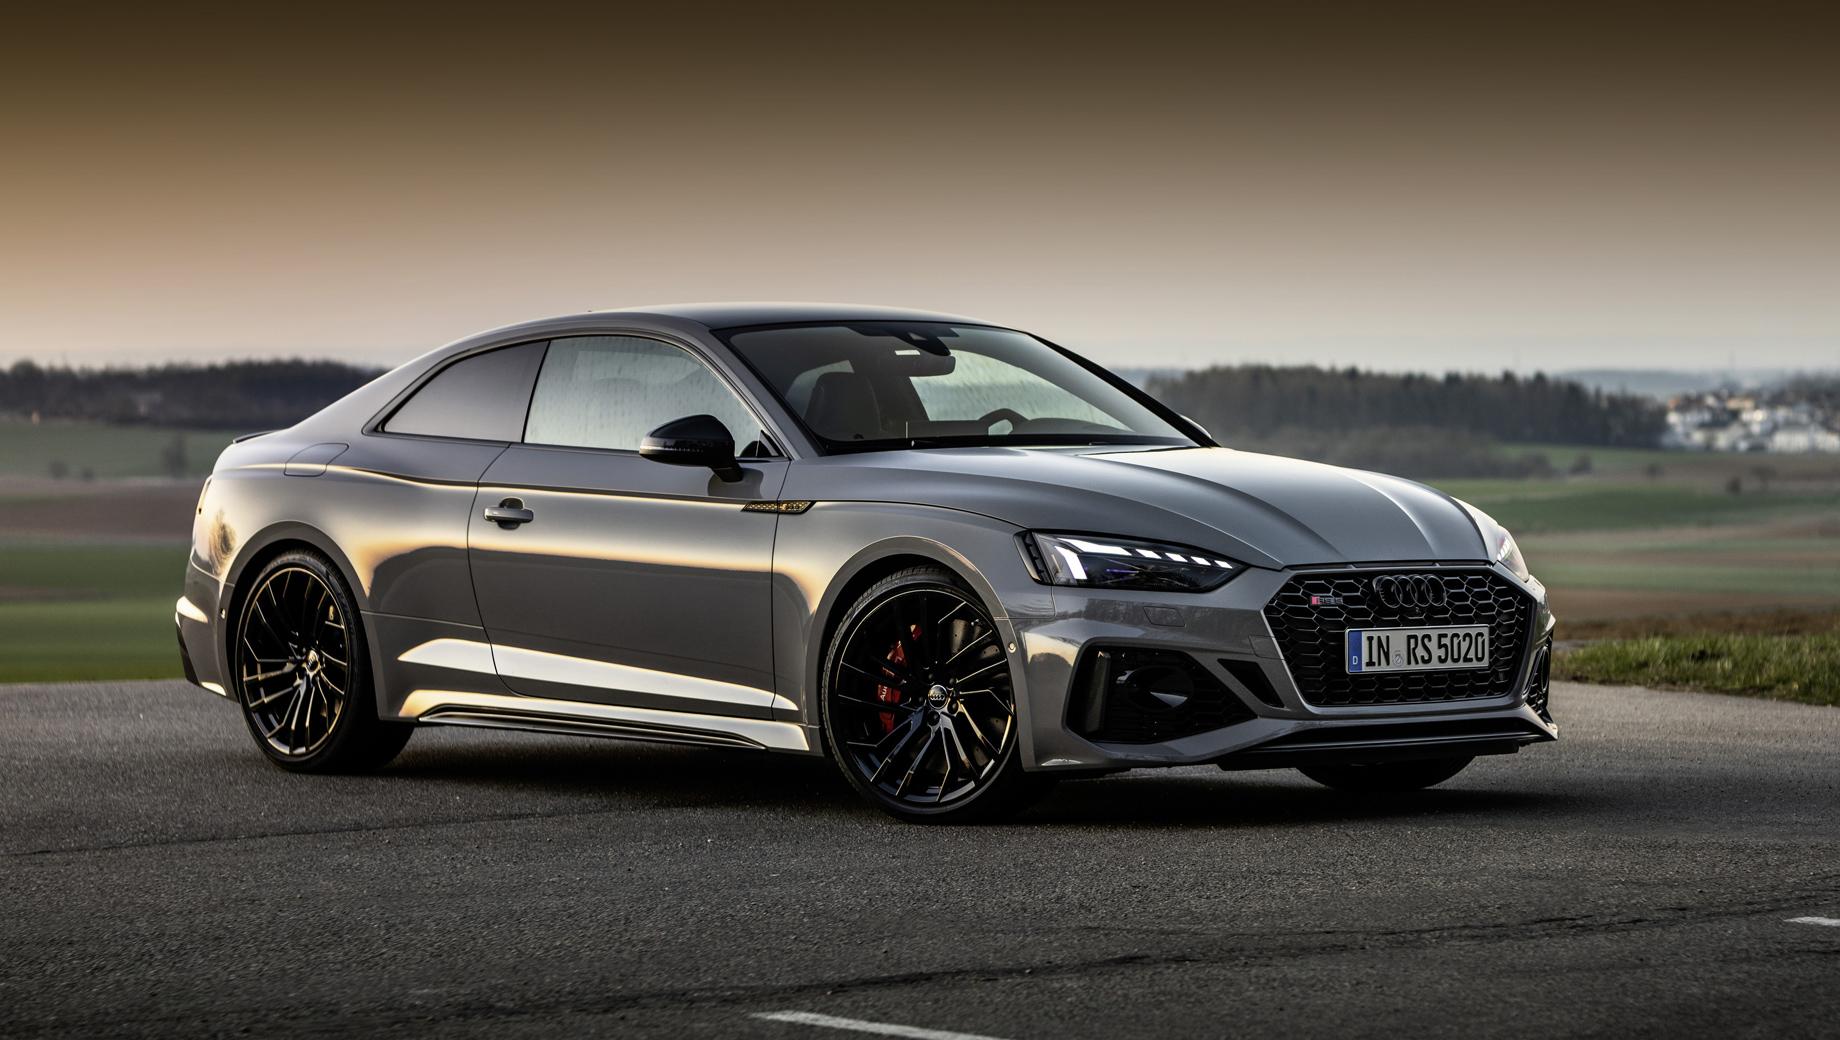 В России стартовали продажи обновлённых Audi RS 4 и RS 5